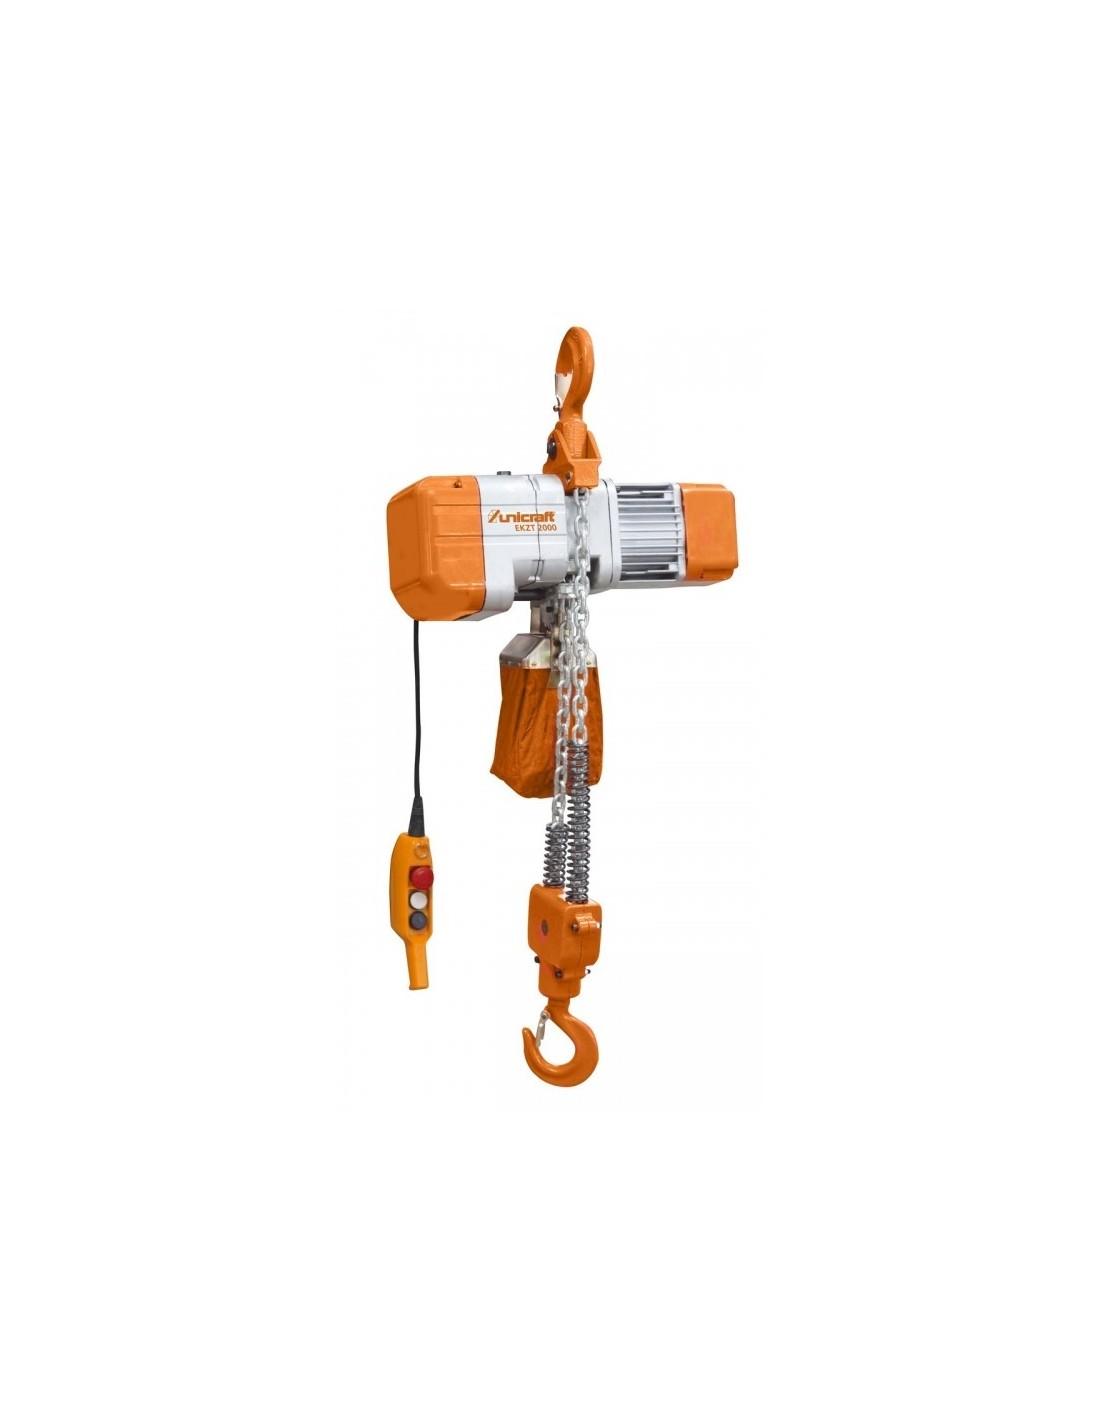 Troliu electric cu lant Unicraft EKZT 2000